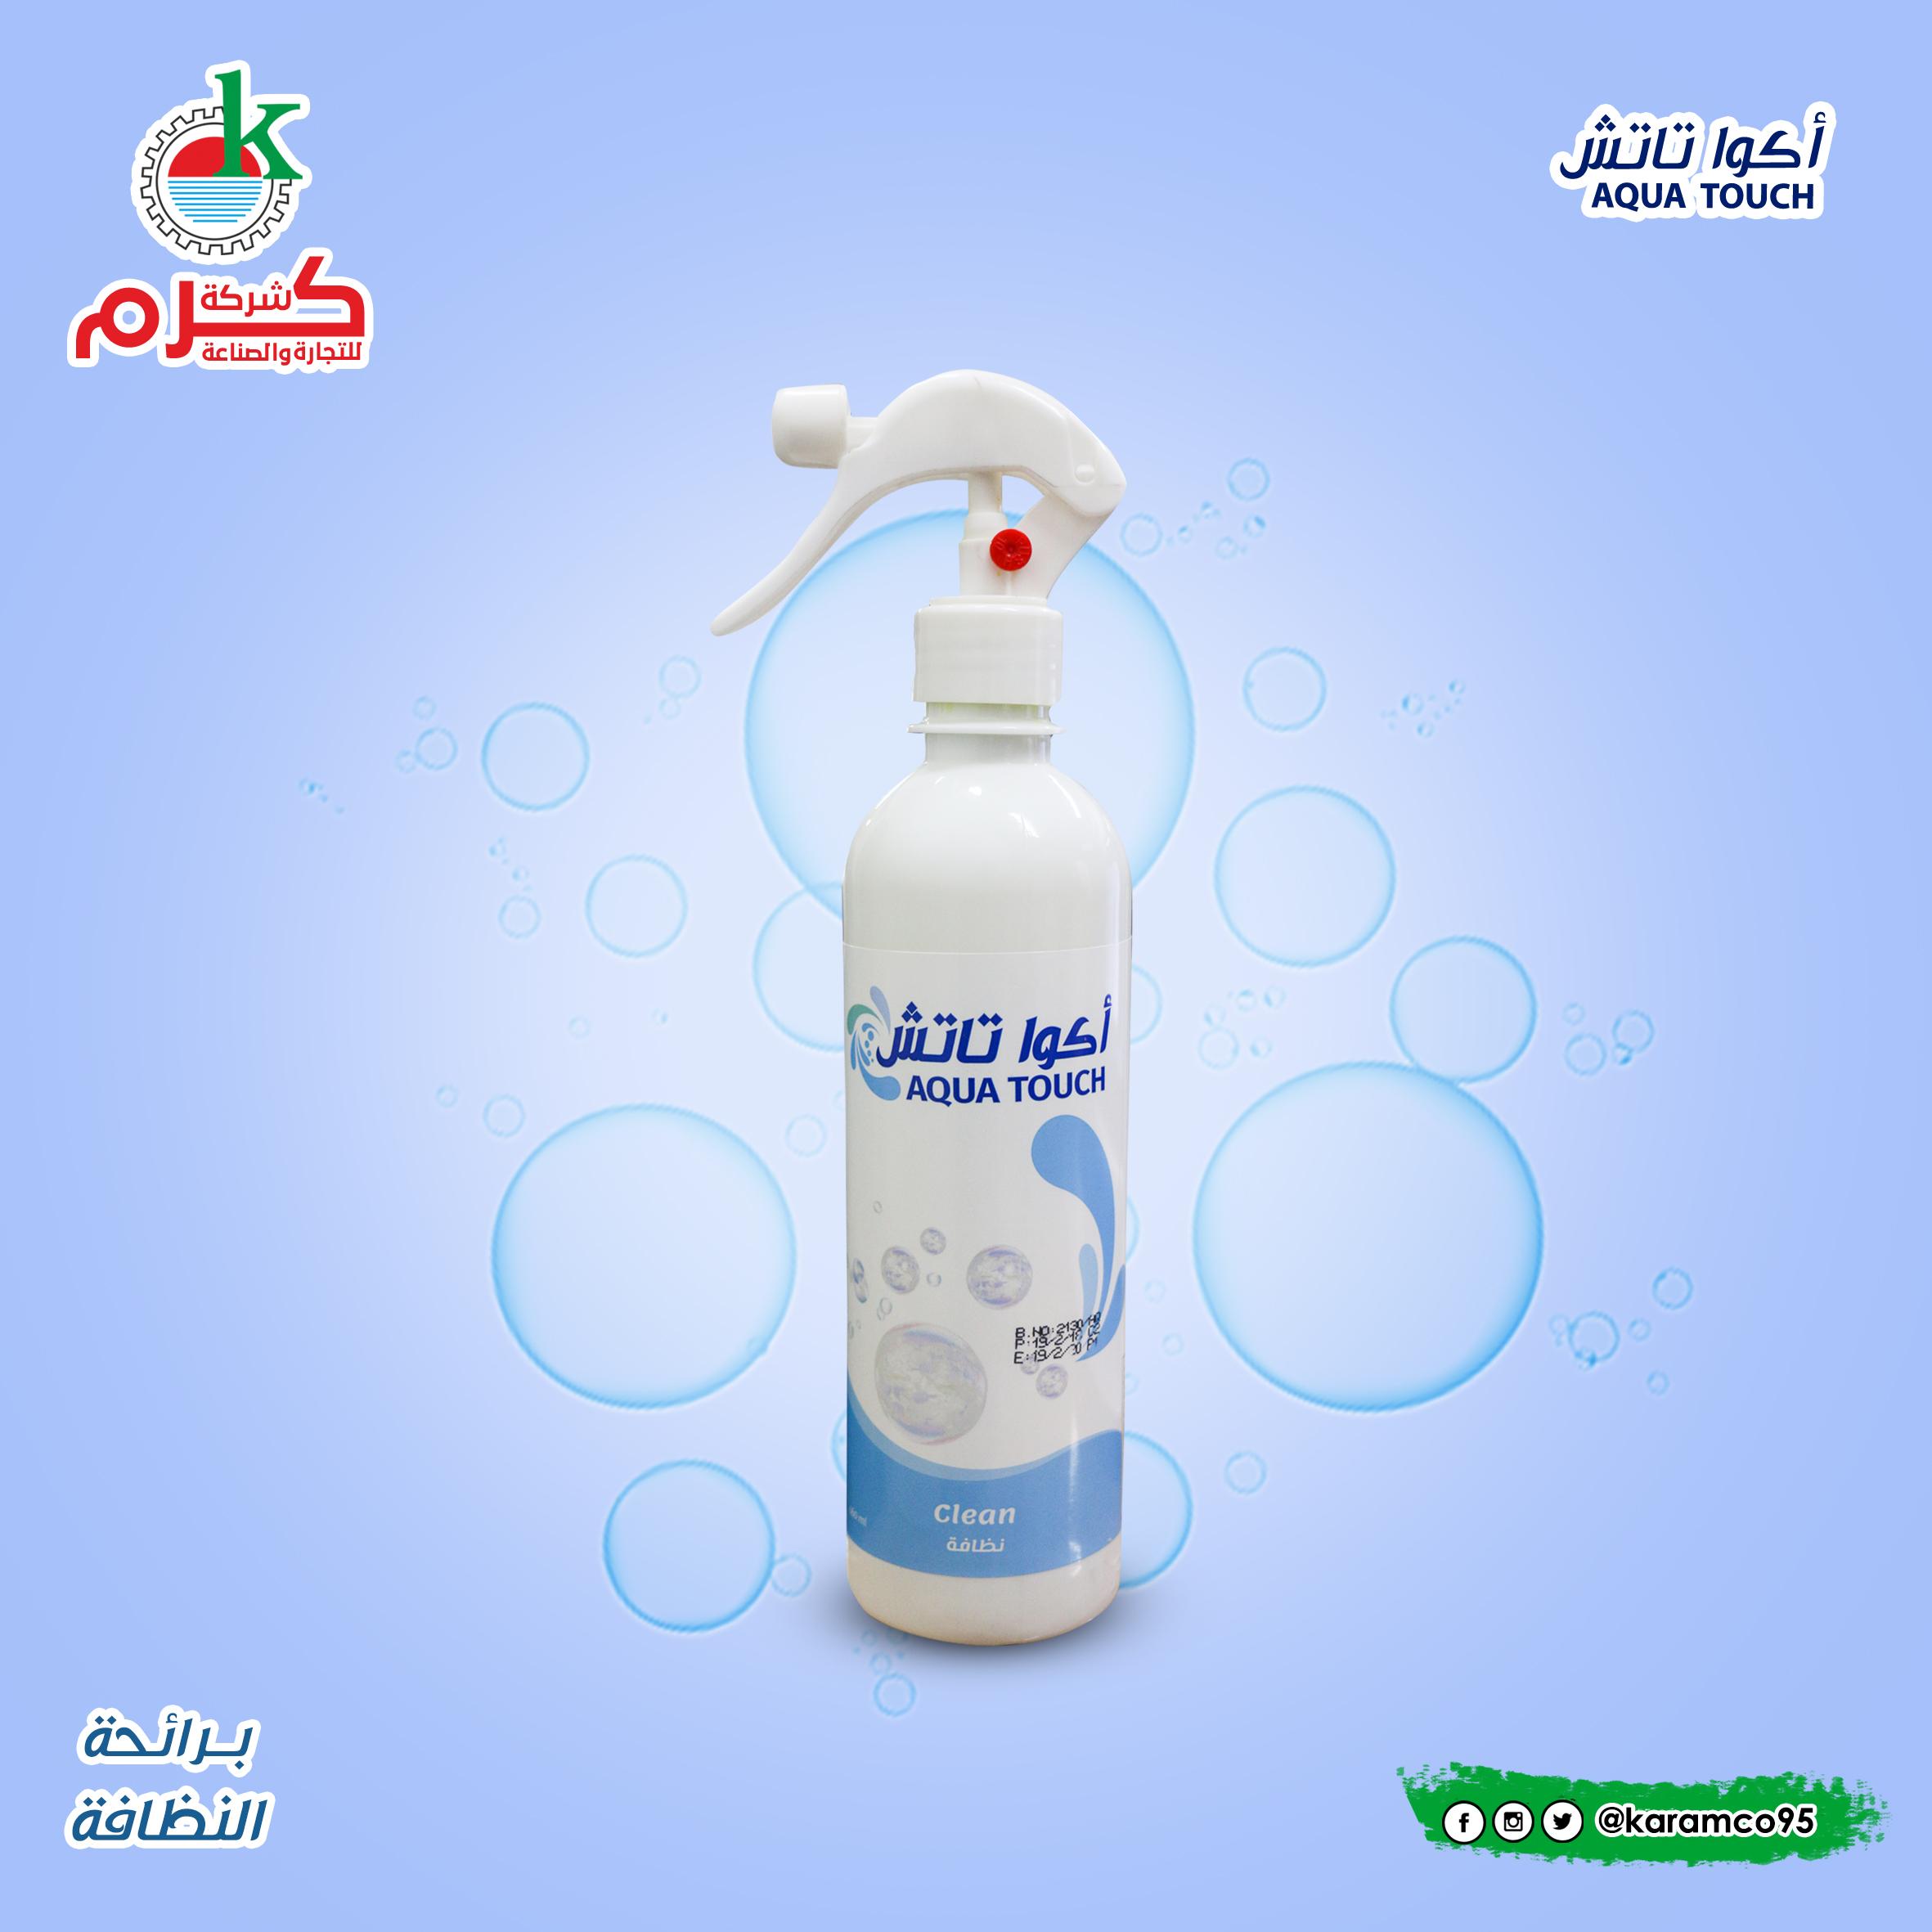 Aqua Touch Air Freshener Clean